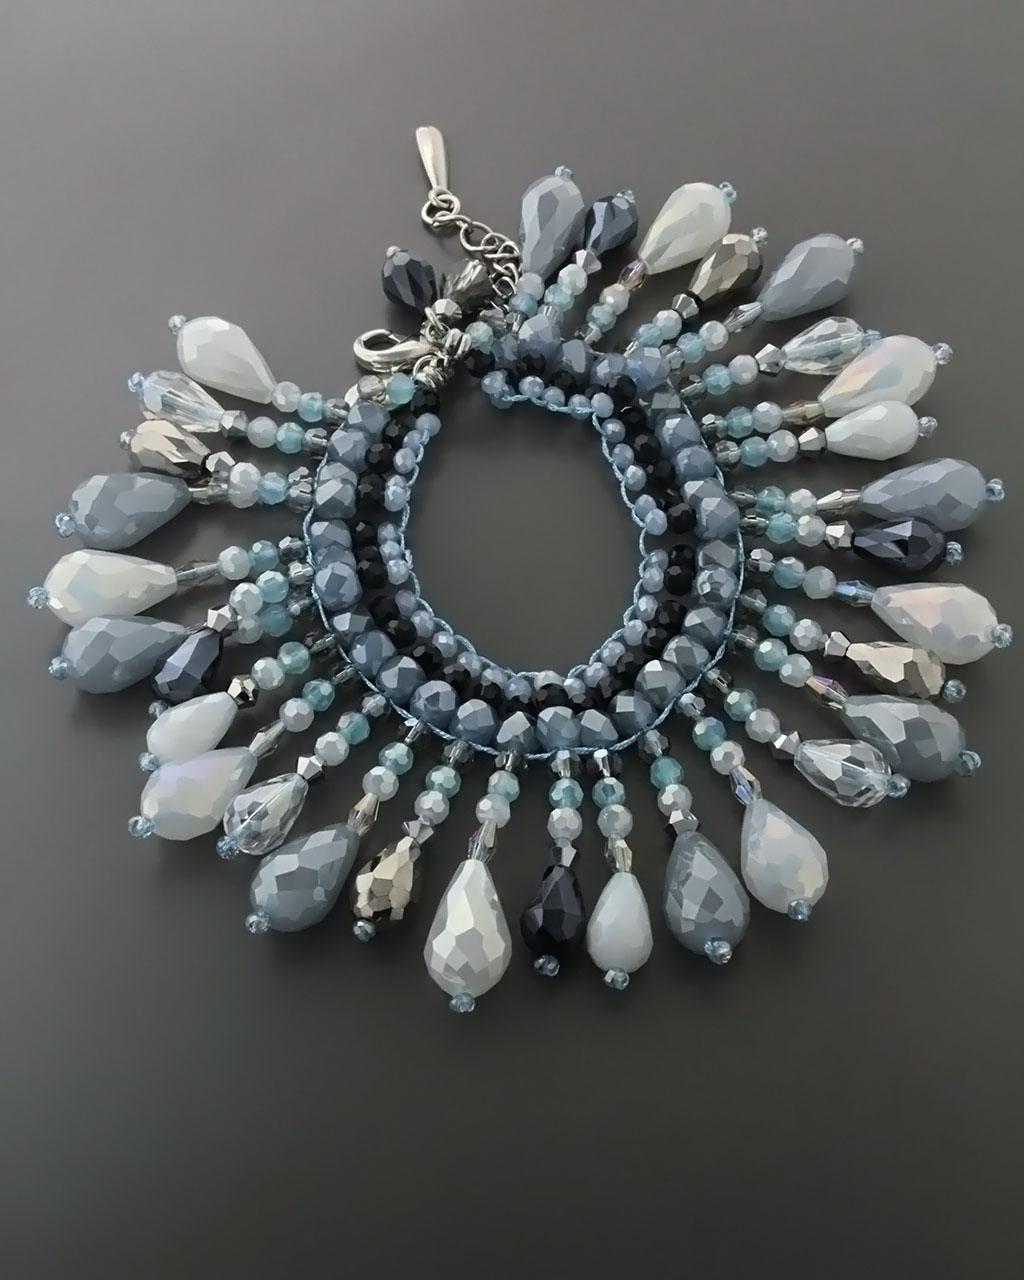 Βραχιόλι Fashion με Ημιπολύτιμες πέτρες   κοσμηματα βραχιόλια βραχιόλια fashion